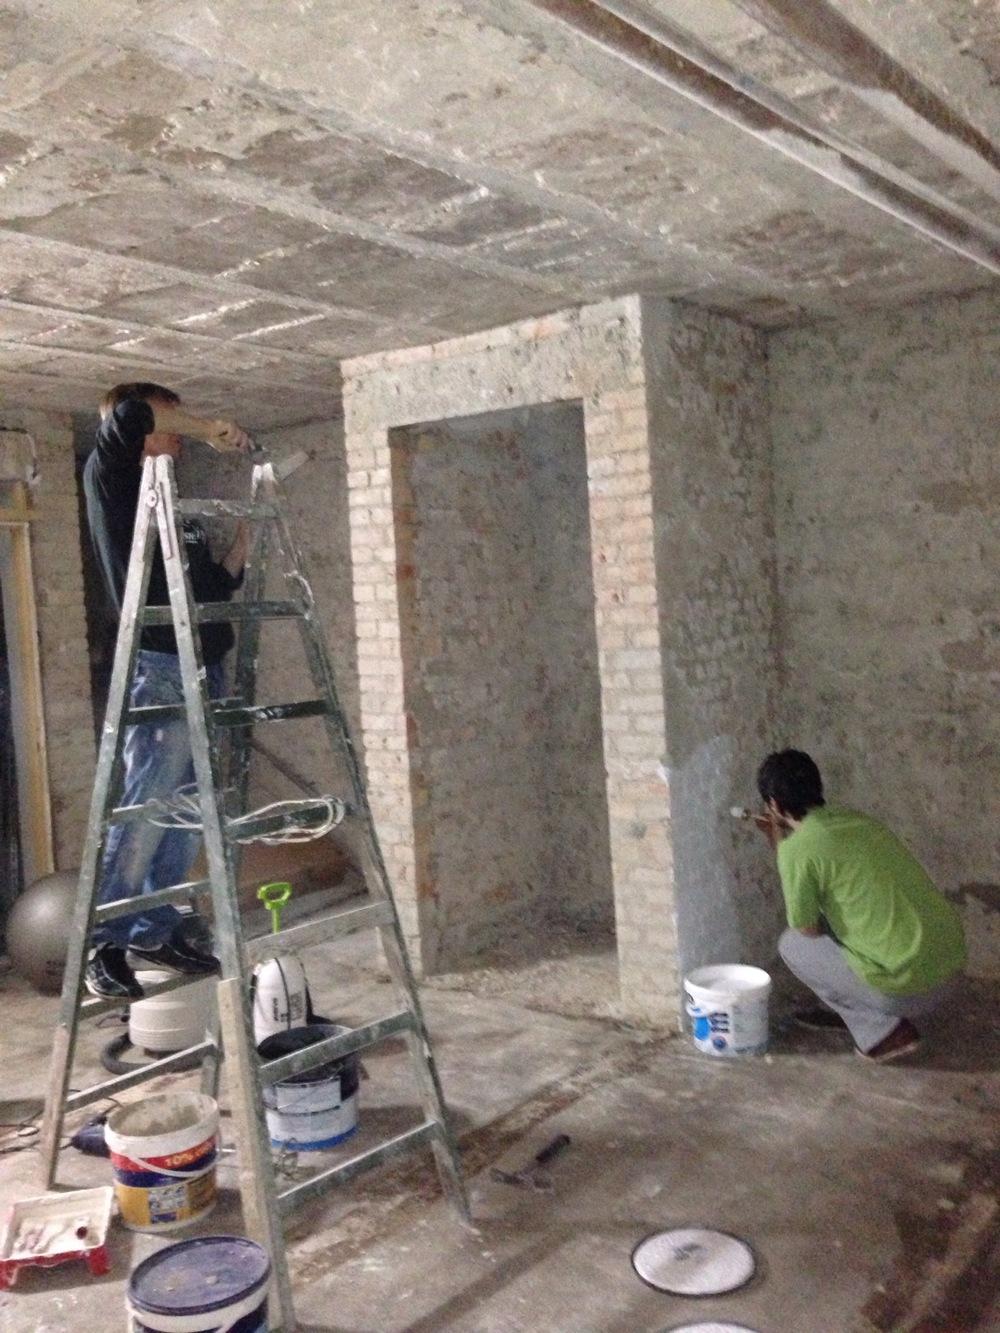 po skuciu tynków, usunięciu dziwacznych zabudowań i zdarciu podłogi wyglądało tak.